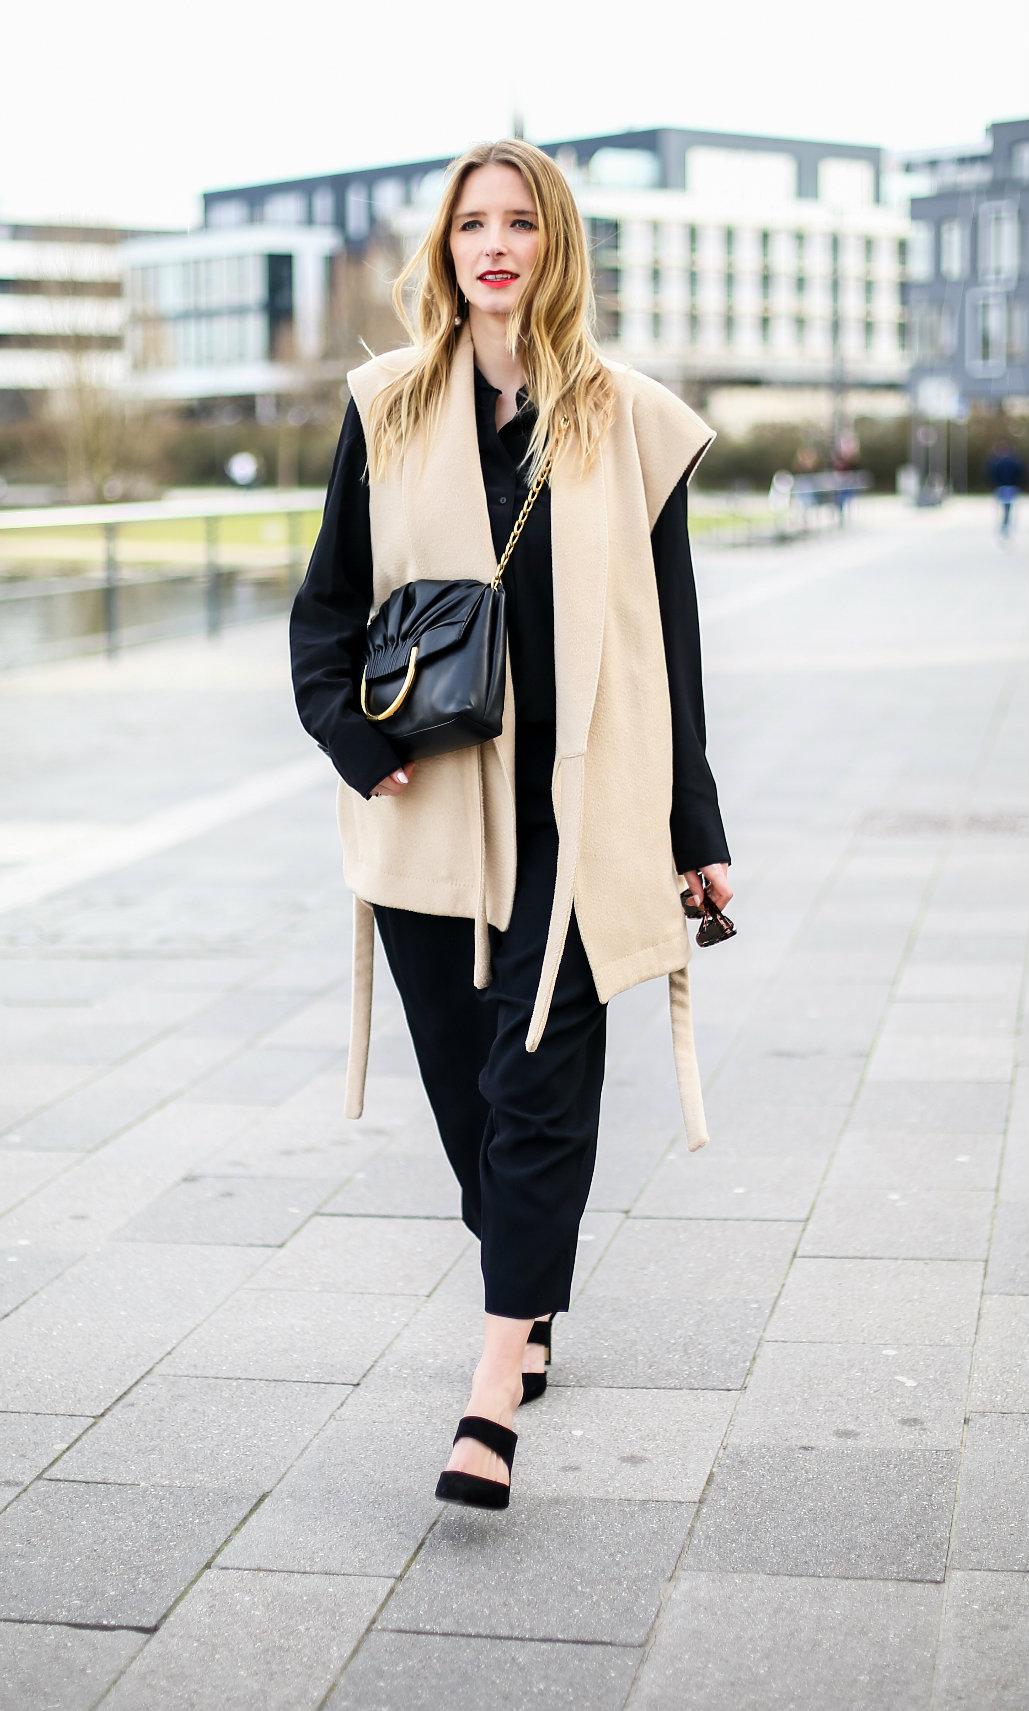 MOD-by-Monique-Fashion-Looks-Kimono-Style-22